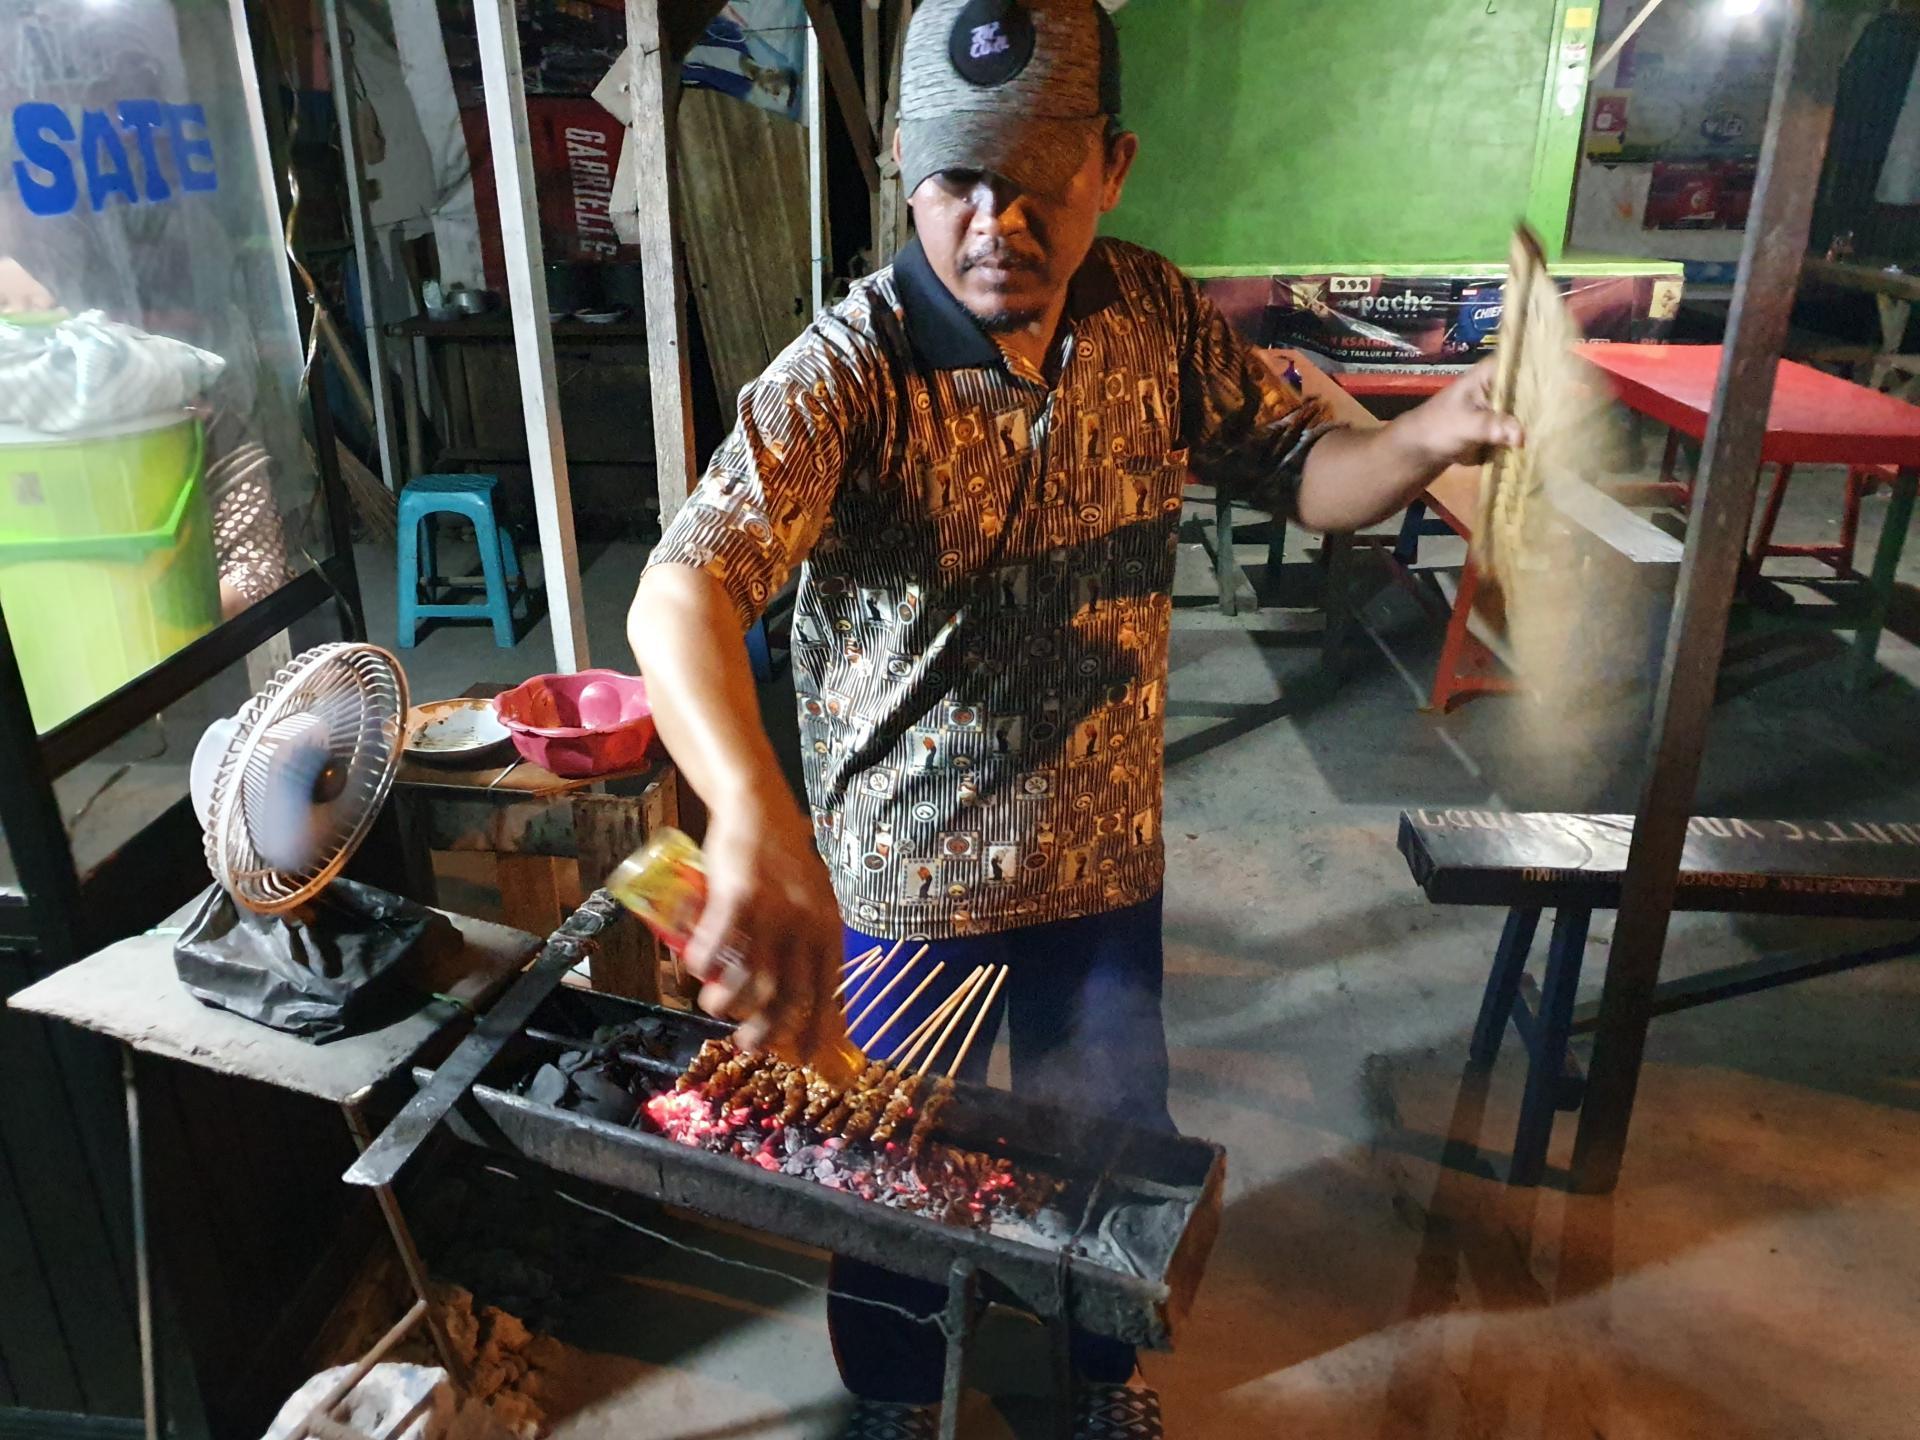 индонезиец жарит сатэ на углях